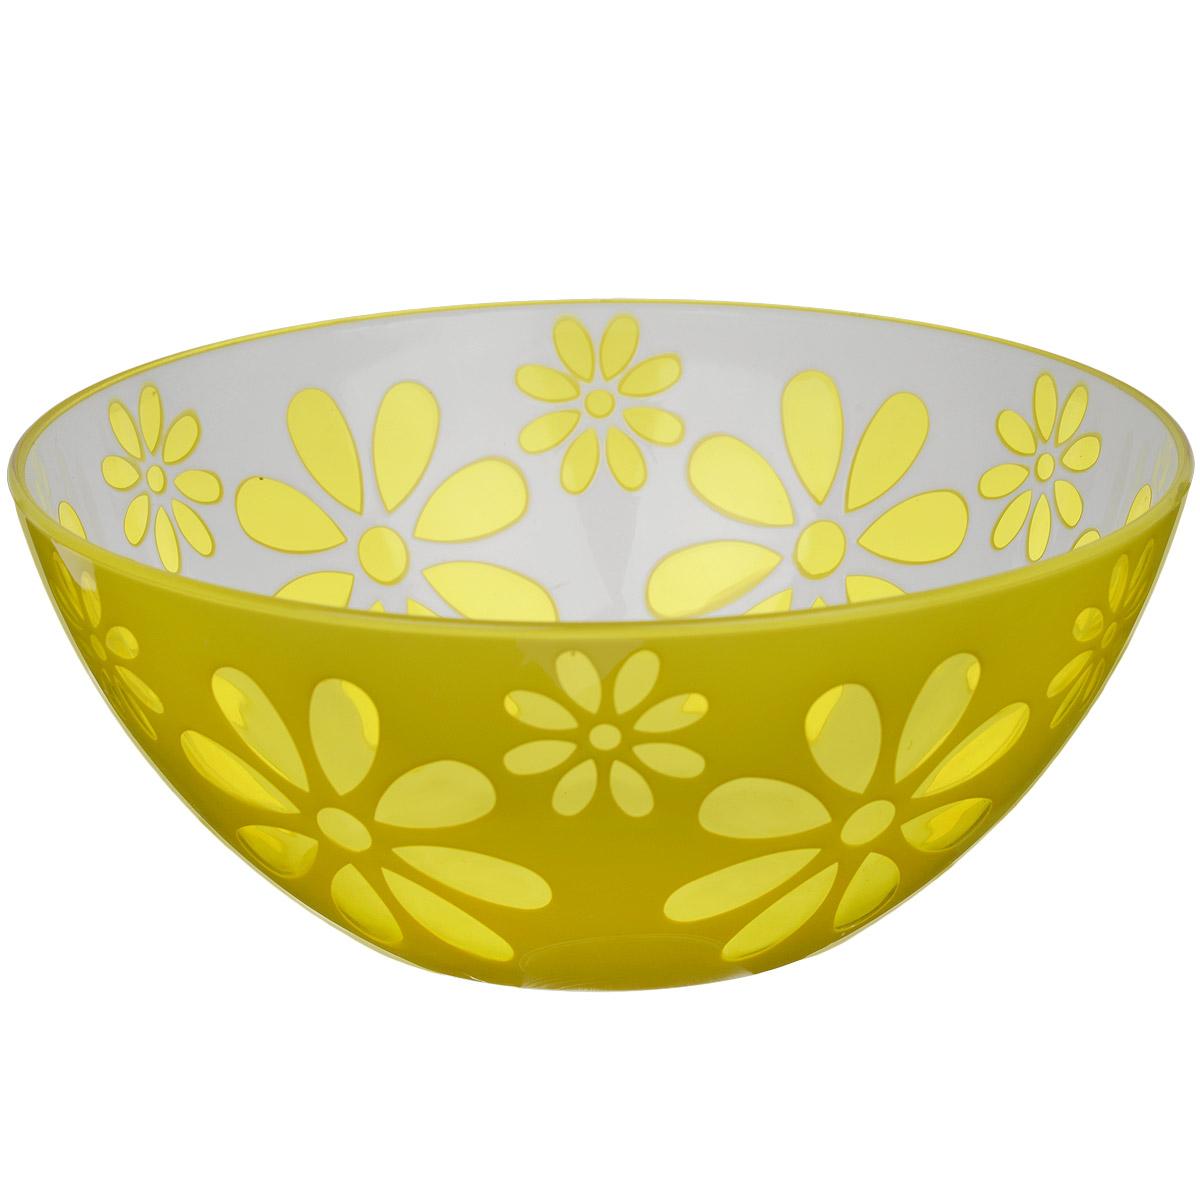 Чаша Альтернатива Соблазн, цвет: желтый, 1,7 лM2321Чаша Альтернатива Соблазн изготовлена из высококачественного пластика и подходит для повседневного использования. Чаша отлично подойдет для овсяных хлопьев, фруктов, риса или некоторых видов десерта. Также в ней можно приготовить салаты. Приятный дизайн подойдет практически для любого случая.